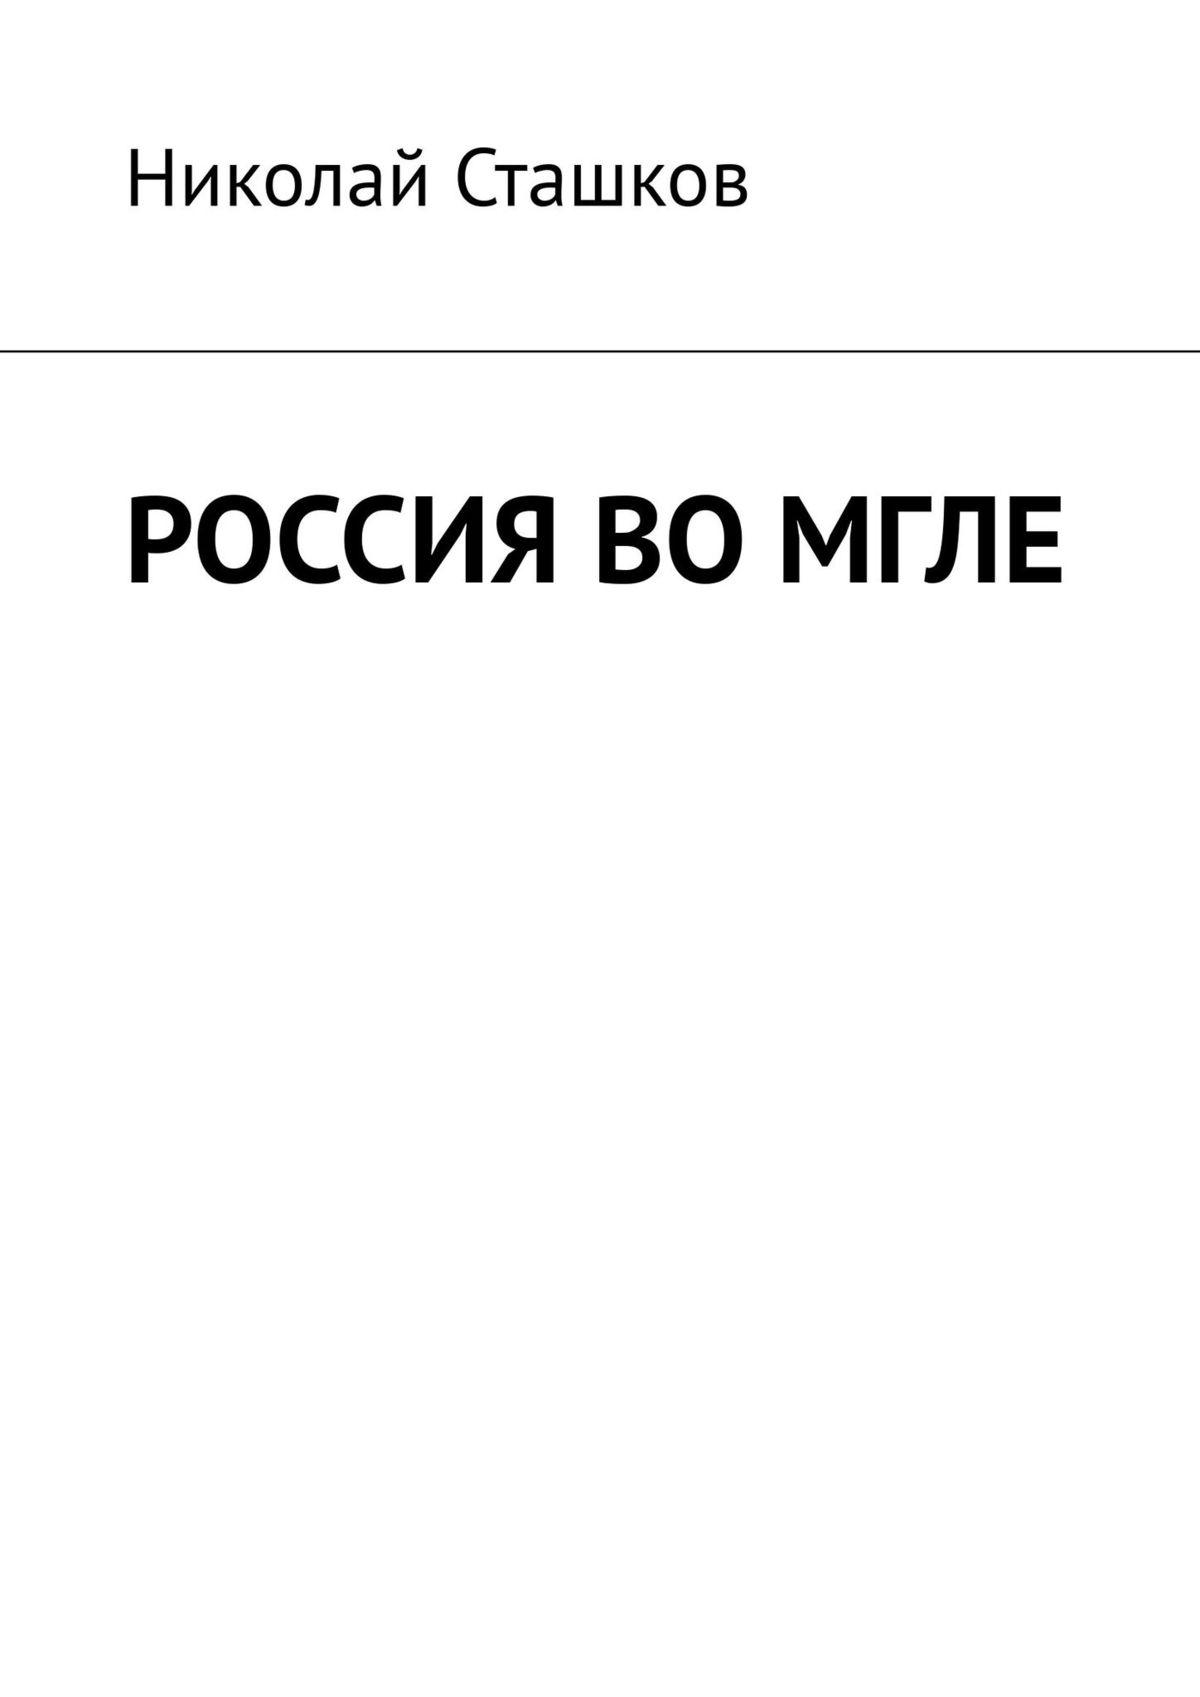 Россия вомгле